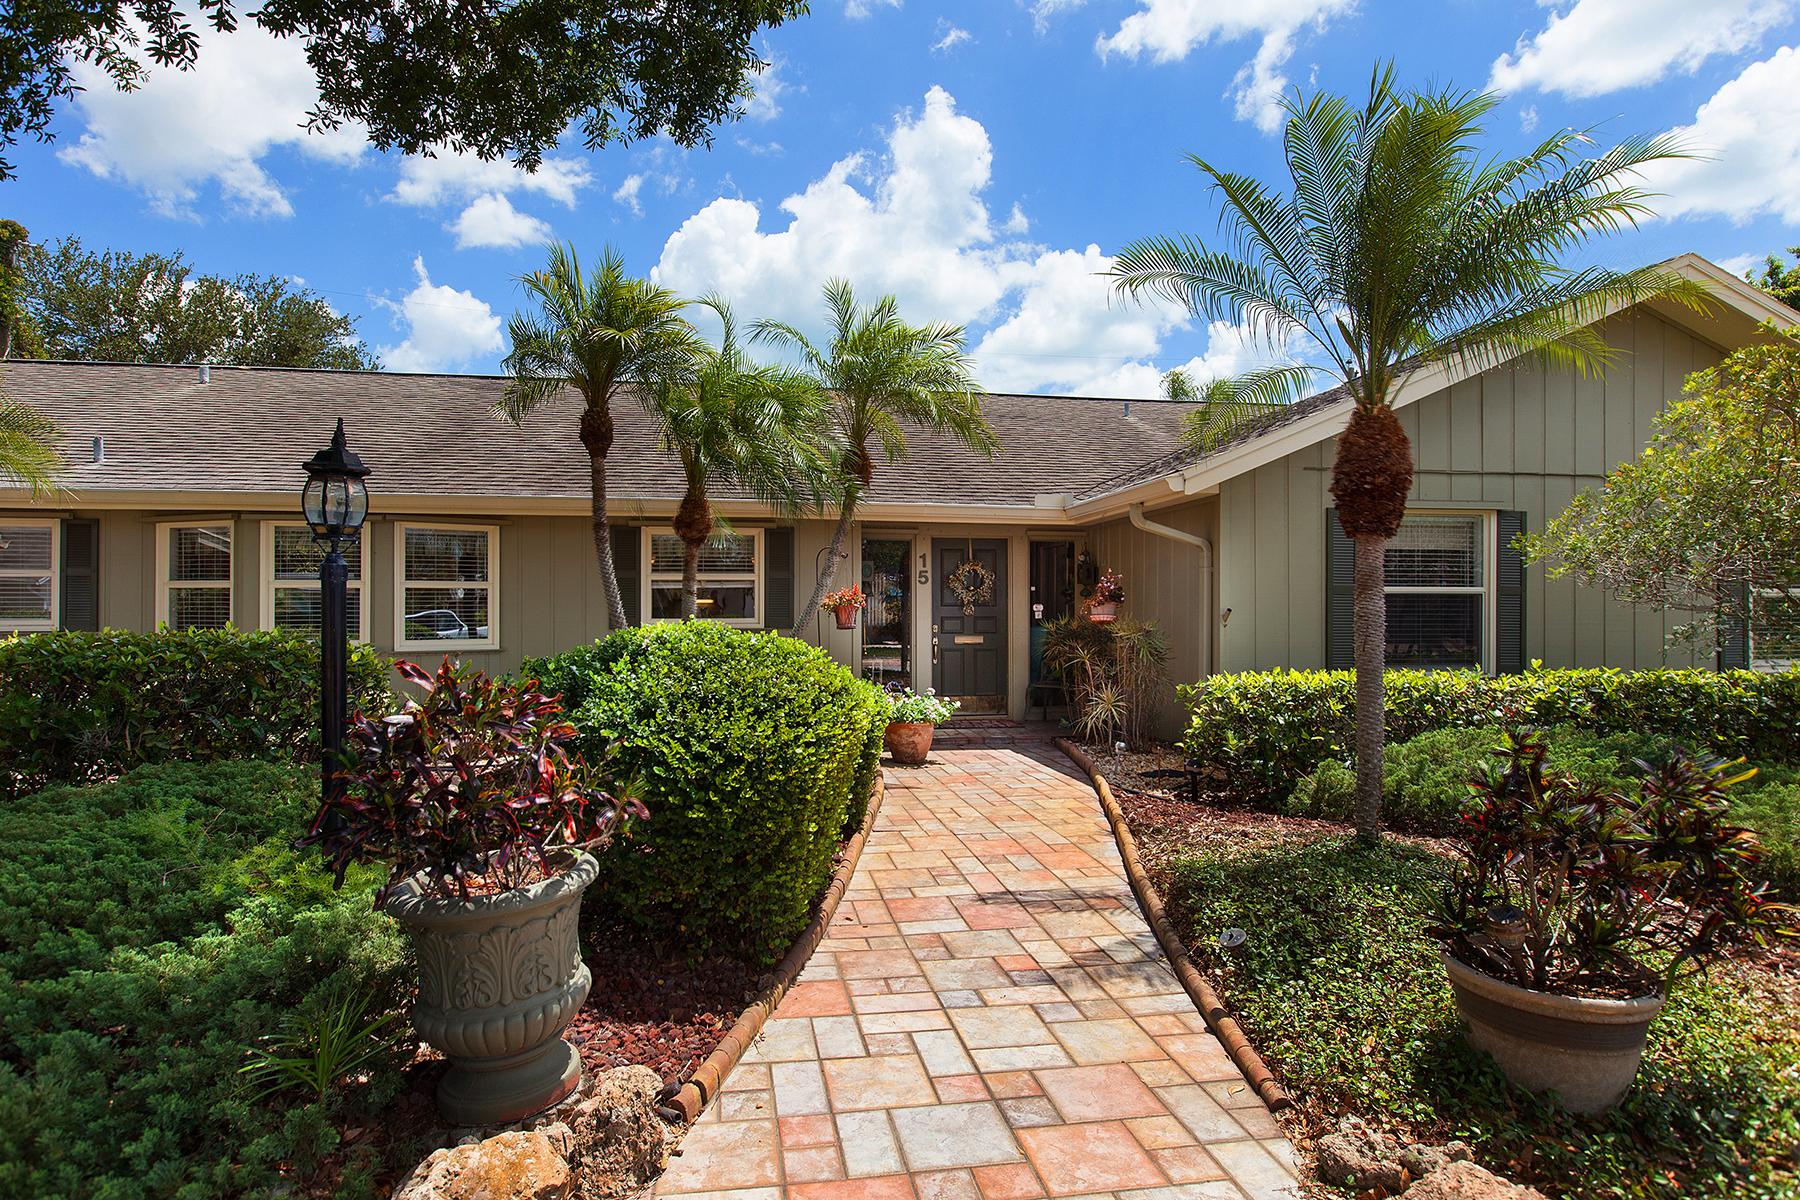 Частный односемейный дом для того Продажа на GULF MANOR 15 Gulf Manor Dr Venice, Флорида, 34285 Соединенные Штаты